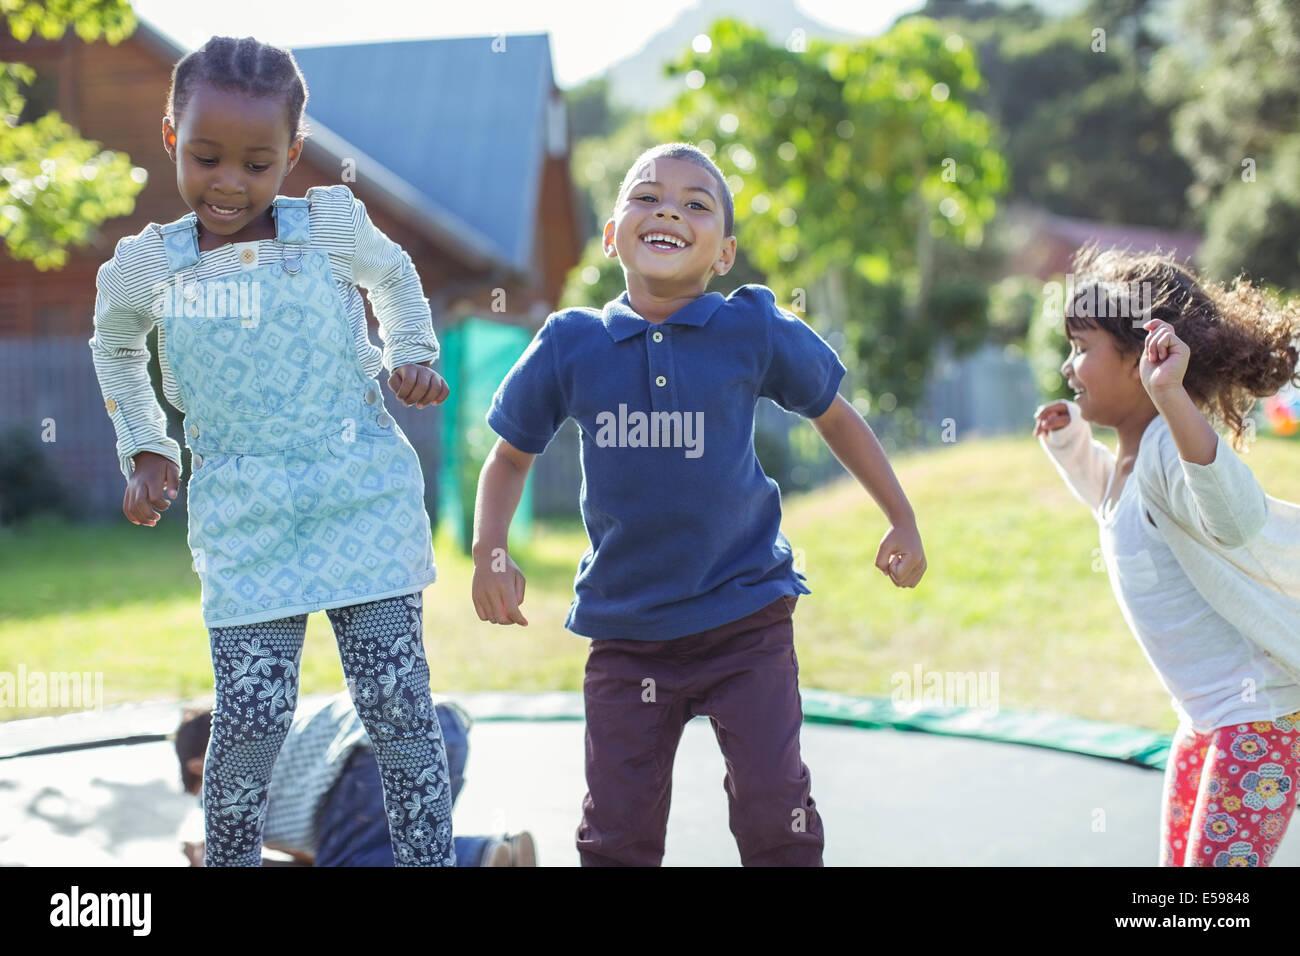 Los niños saltando en el trampolín al aire libre Imagen De Stock